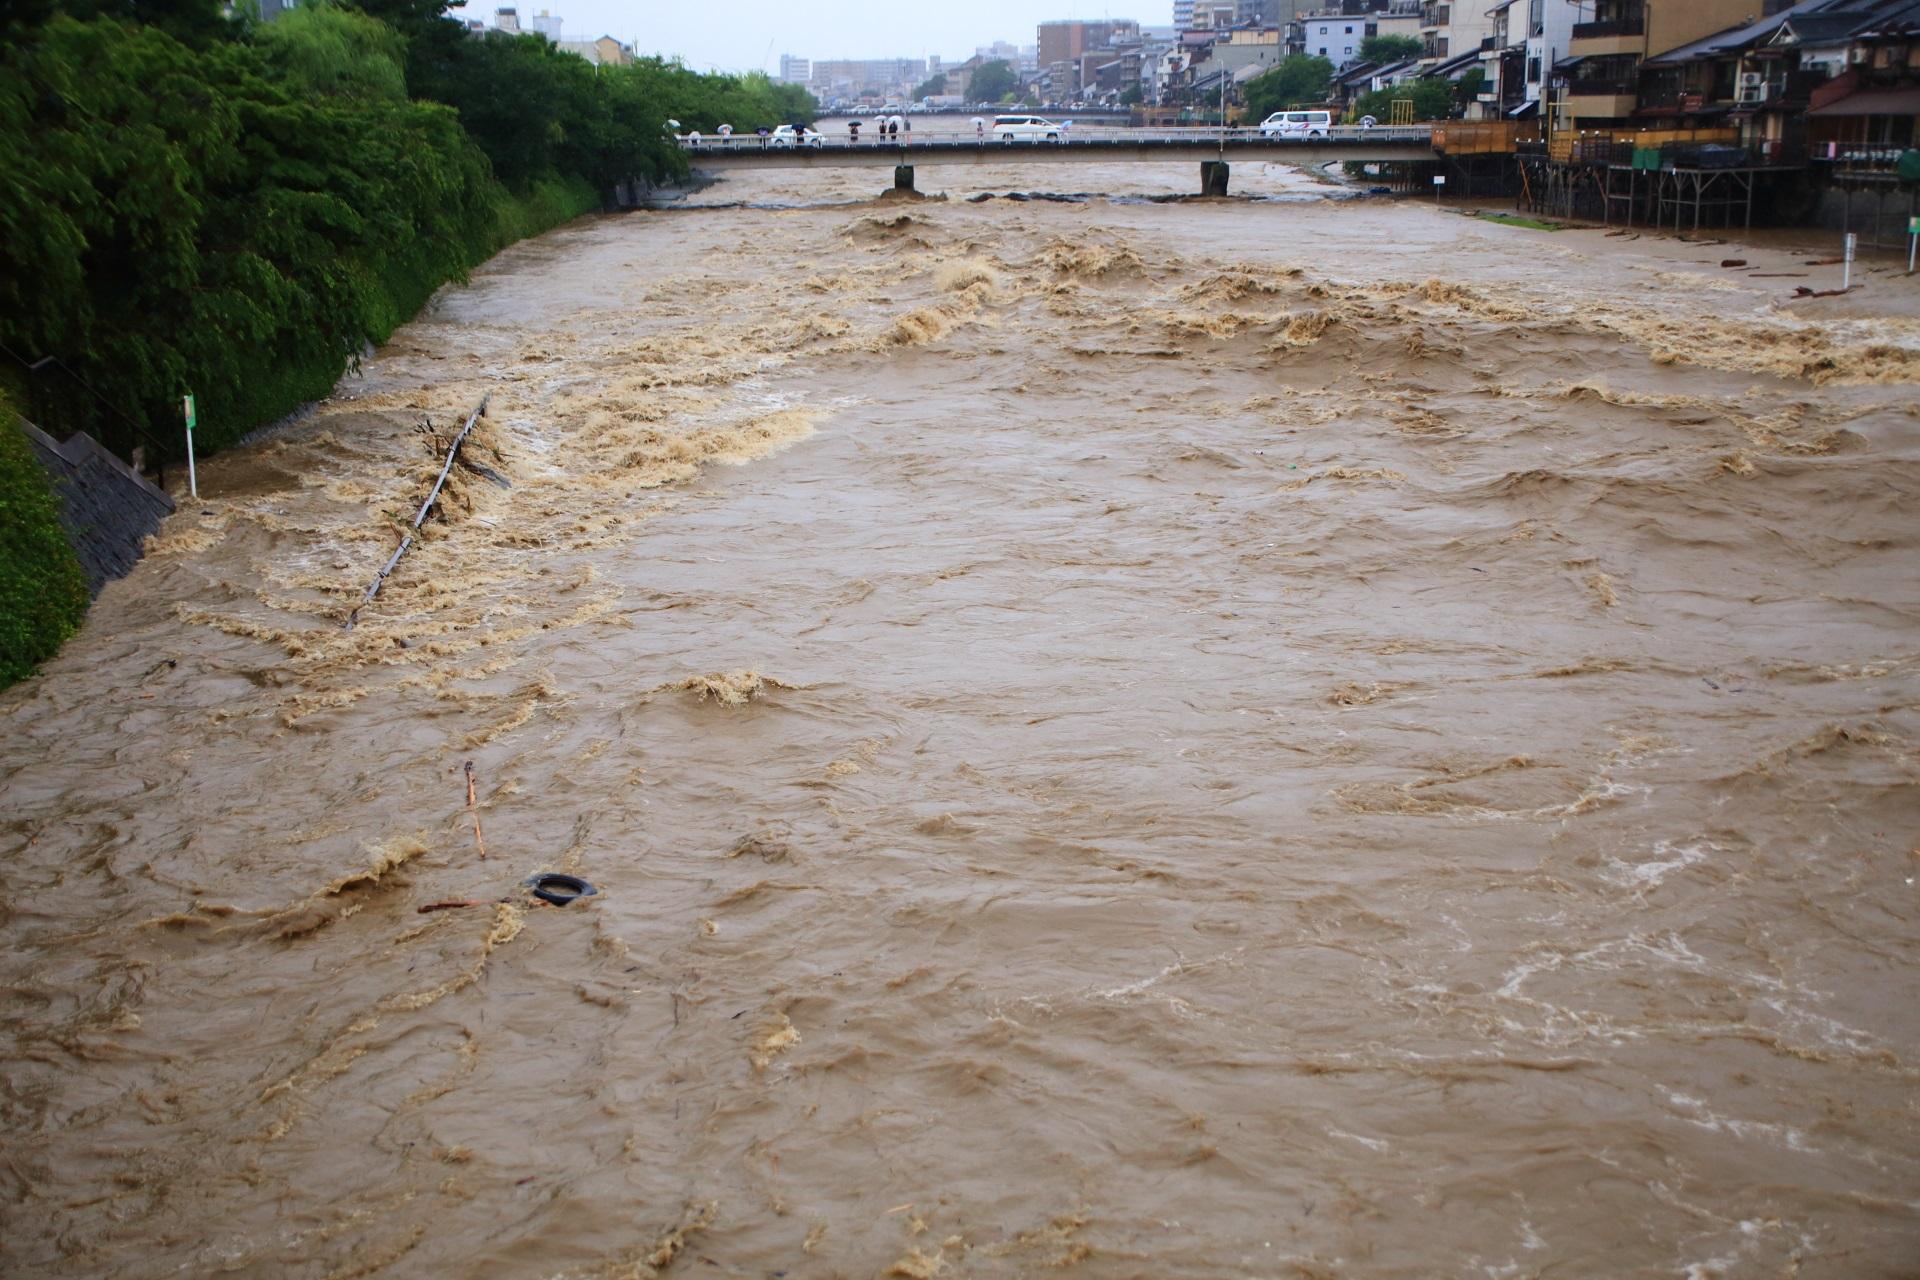 四条大橋の下を勢いよく流れていく鴨川の激流